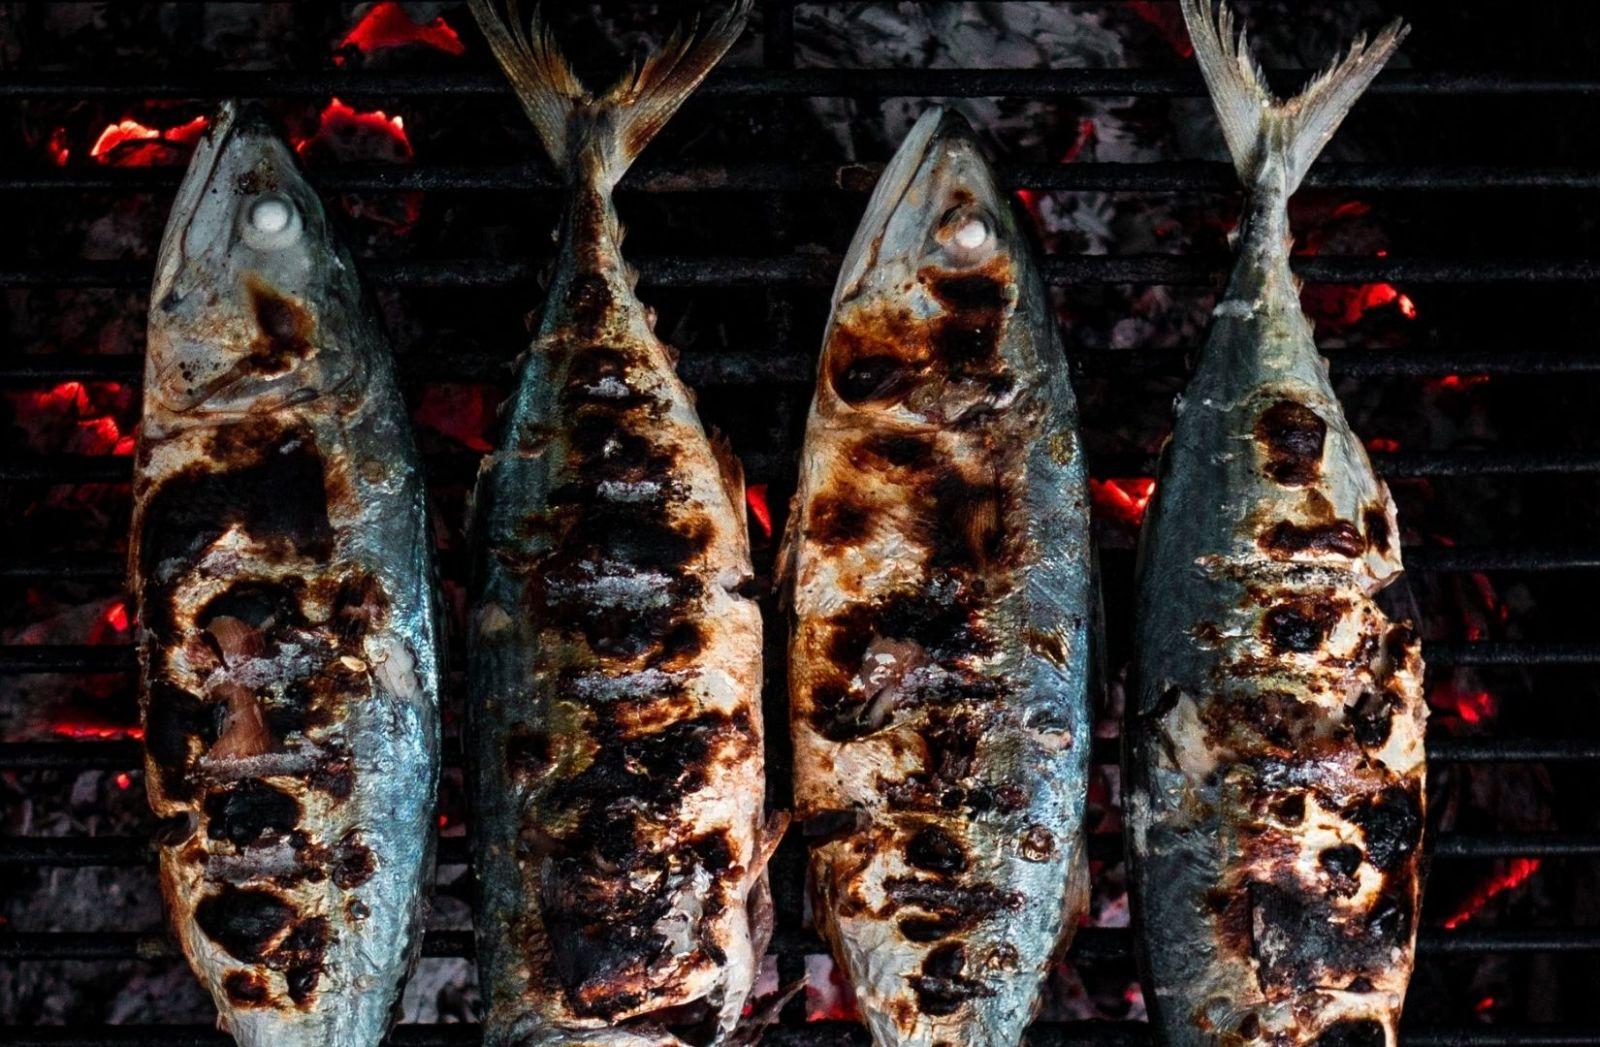 Fische auf einem Grill. (Foto: Clint Bustrillos, Unsplash.com)